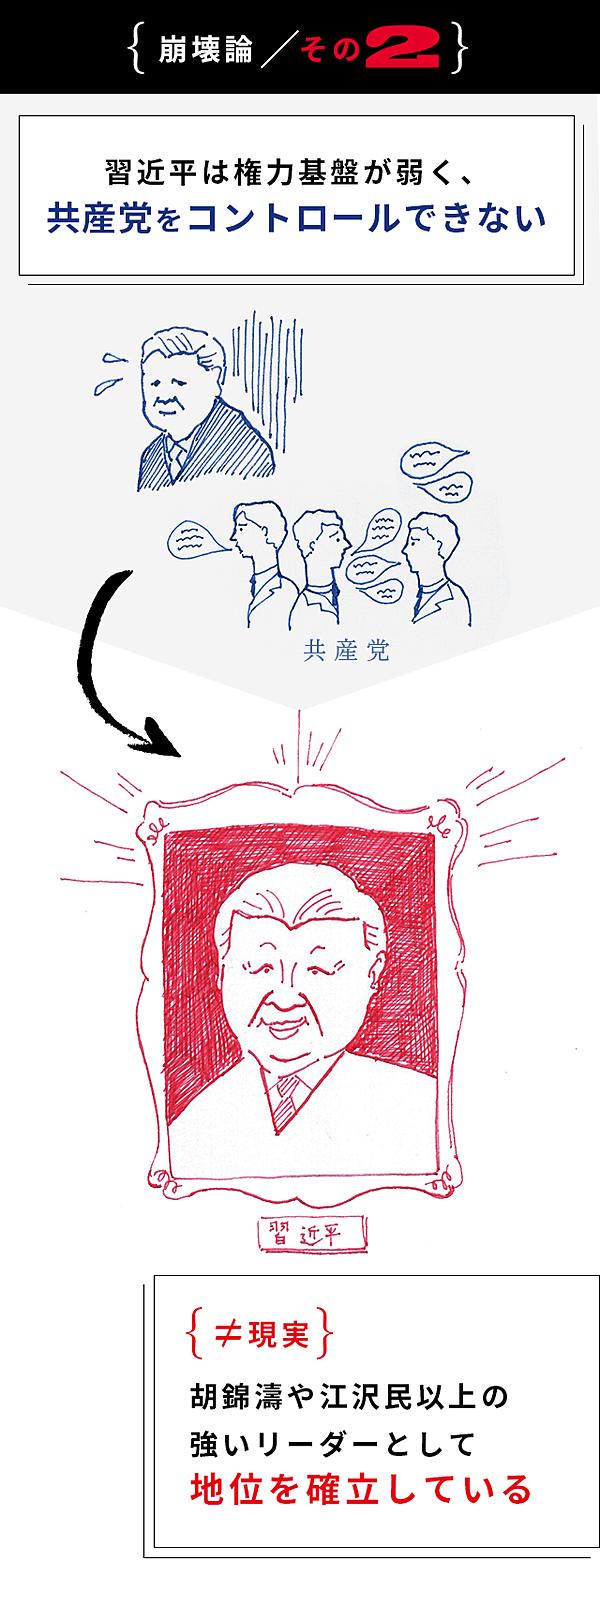 共産党 崩壊 中国